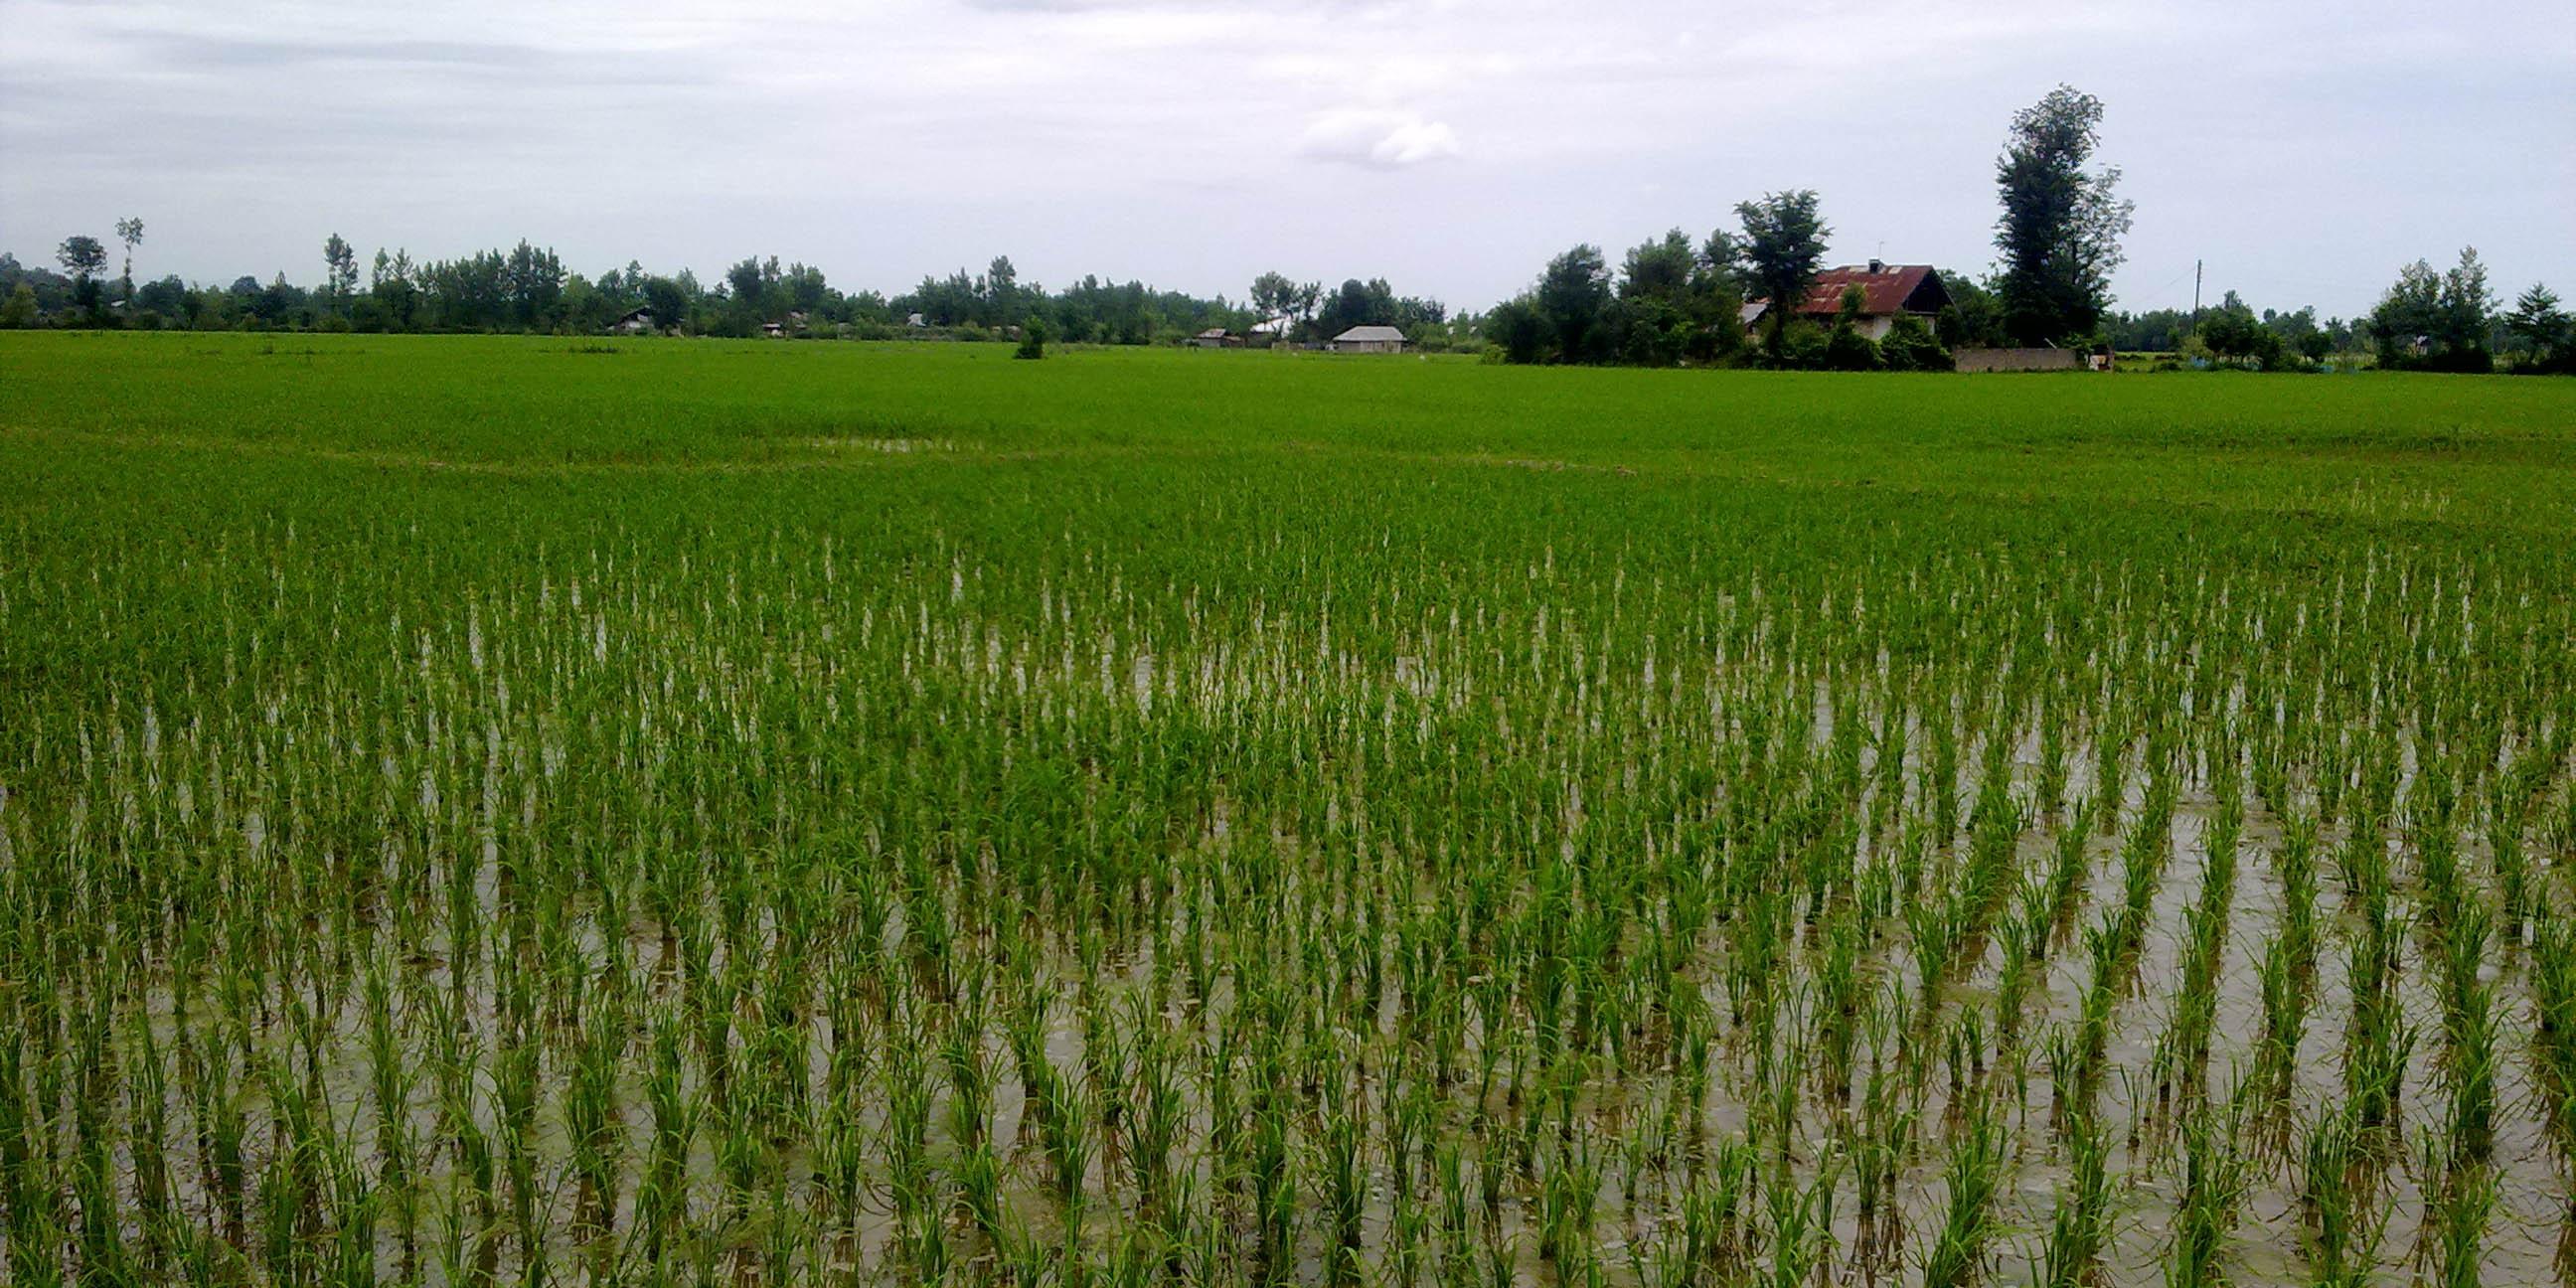 پیش بینی رشد ۱۰ درصدی تولید برنج در مازندران